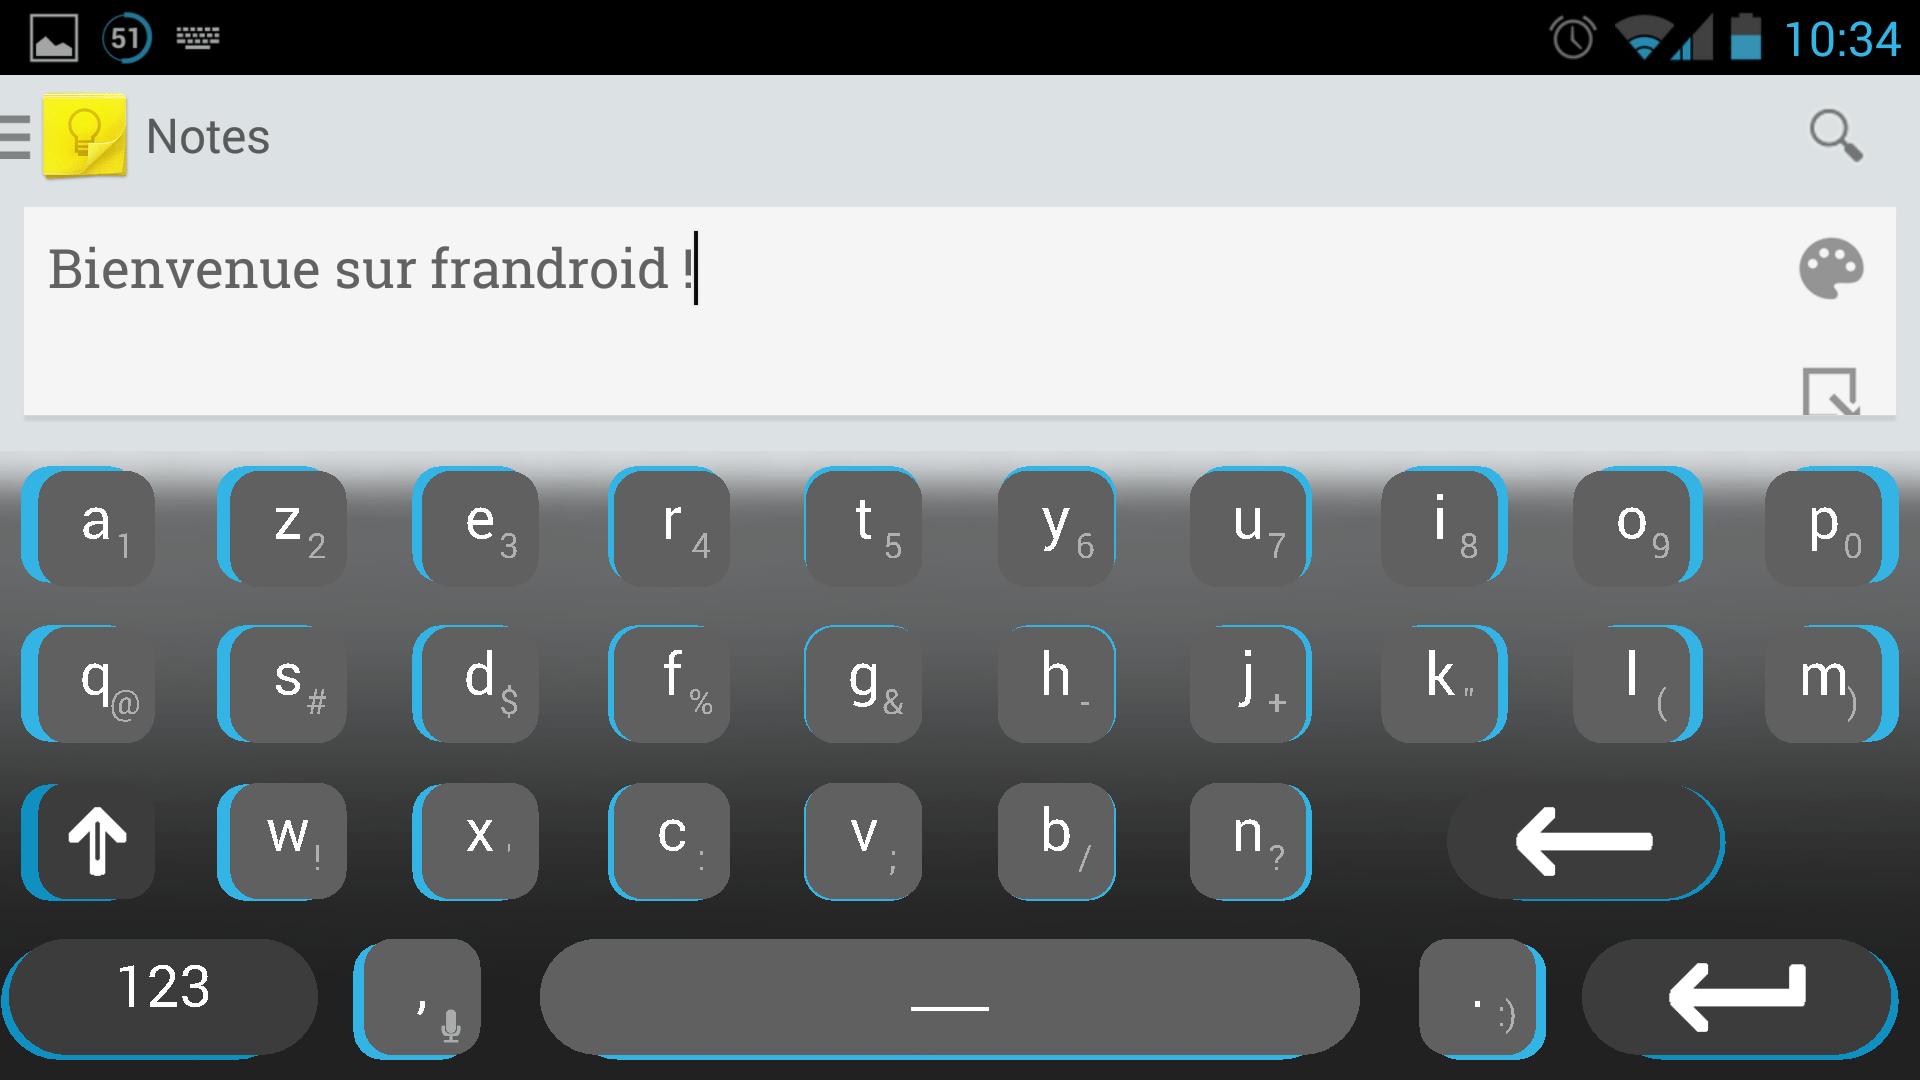 Dynamic Keyboard, un clavier virtuel qui grossit les lettres en se basant sur la prédiction textuelle